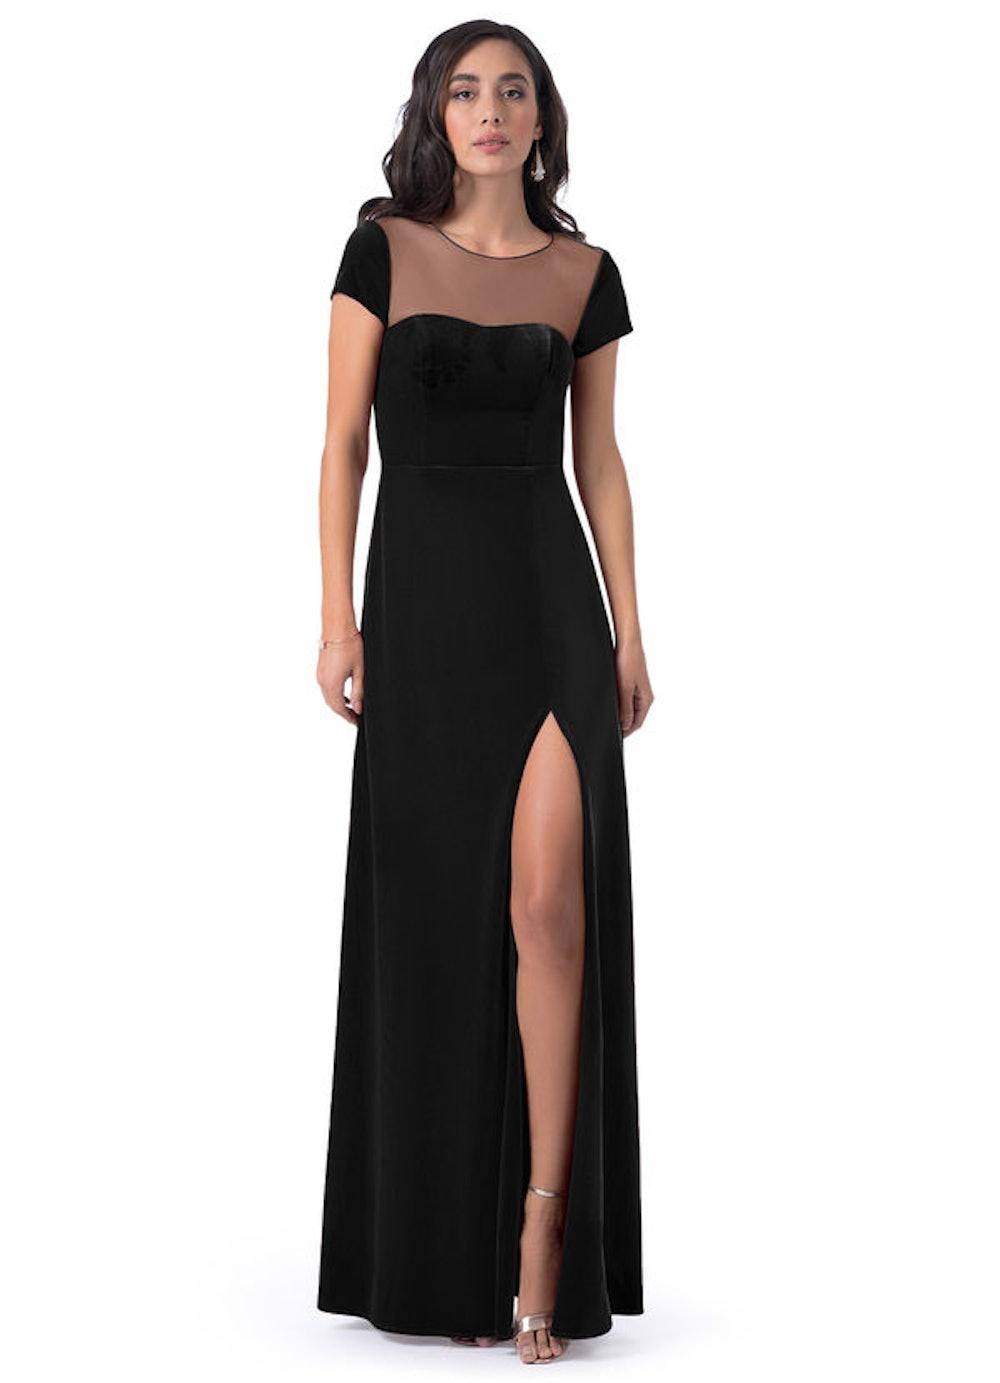 Thelma Velvet Dress